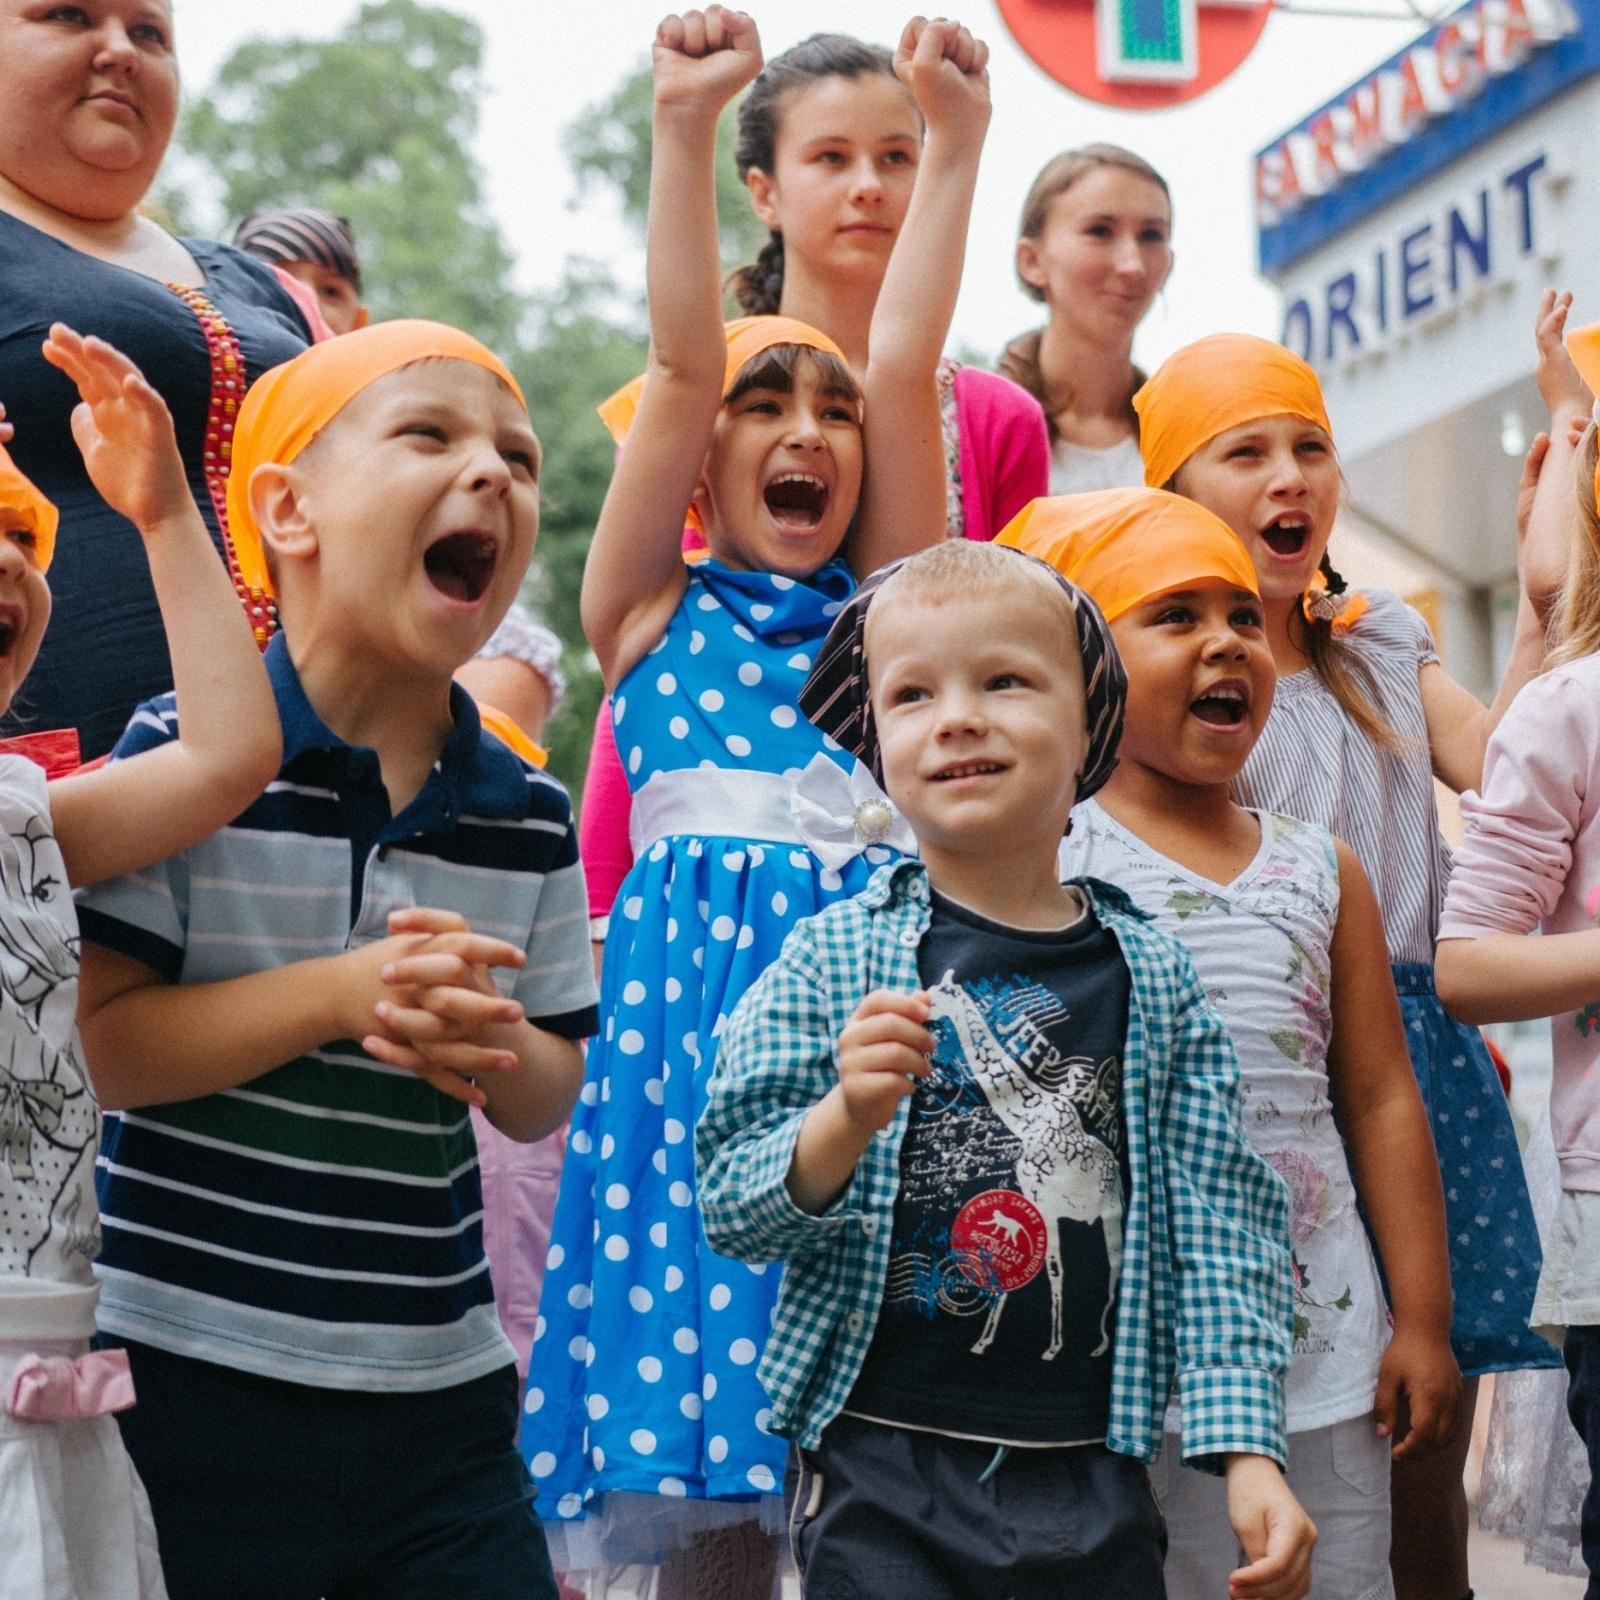 Moldova children